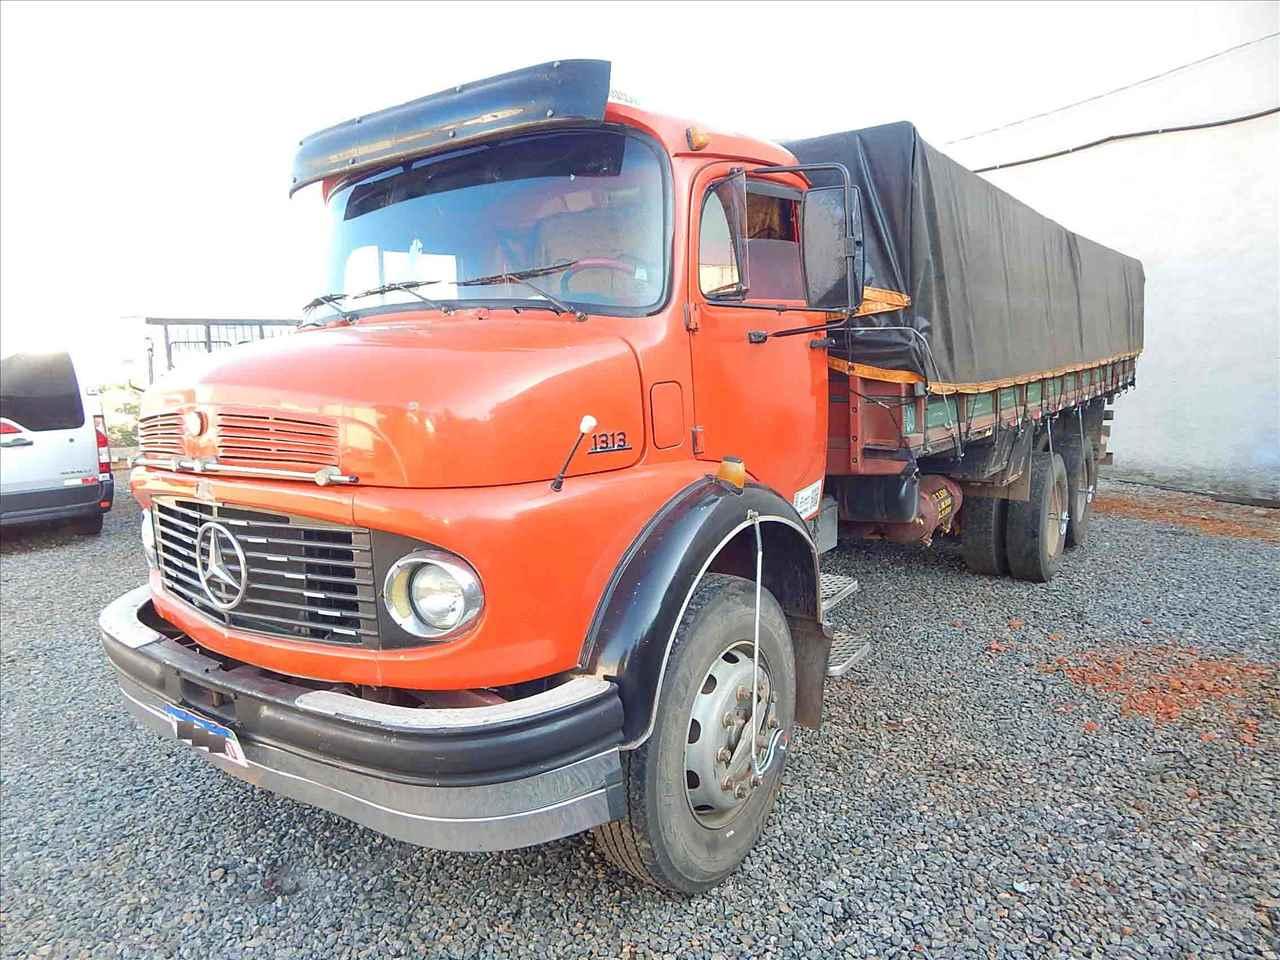 CAMINHAO MERCEDES-BENZ MB 1313 Graneleiro Truck 6x2 Guirro Automóveis Multimarcas SAO JOSE DO RIO PARDO SÃO PAULO SP